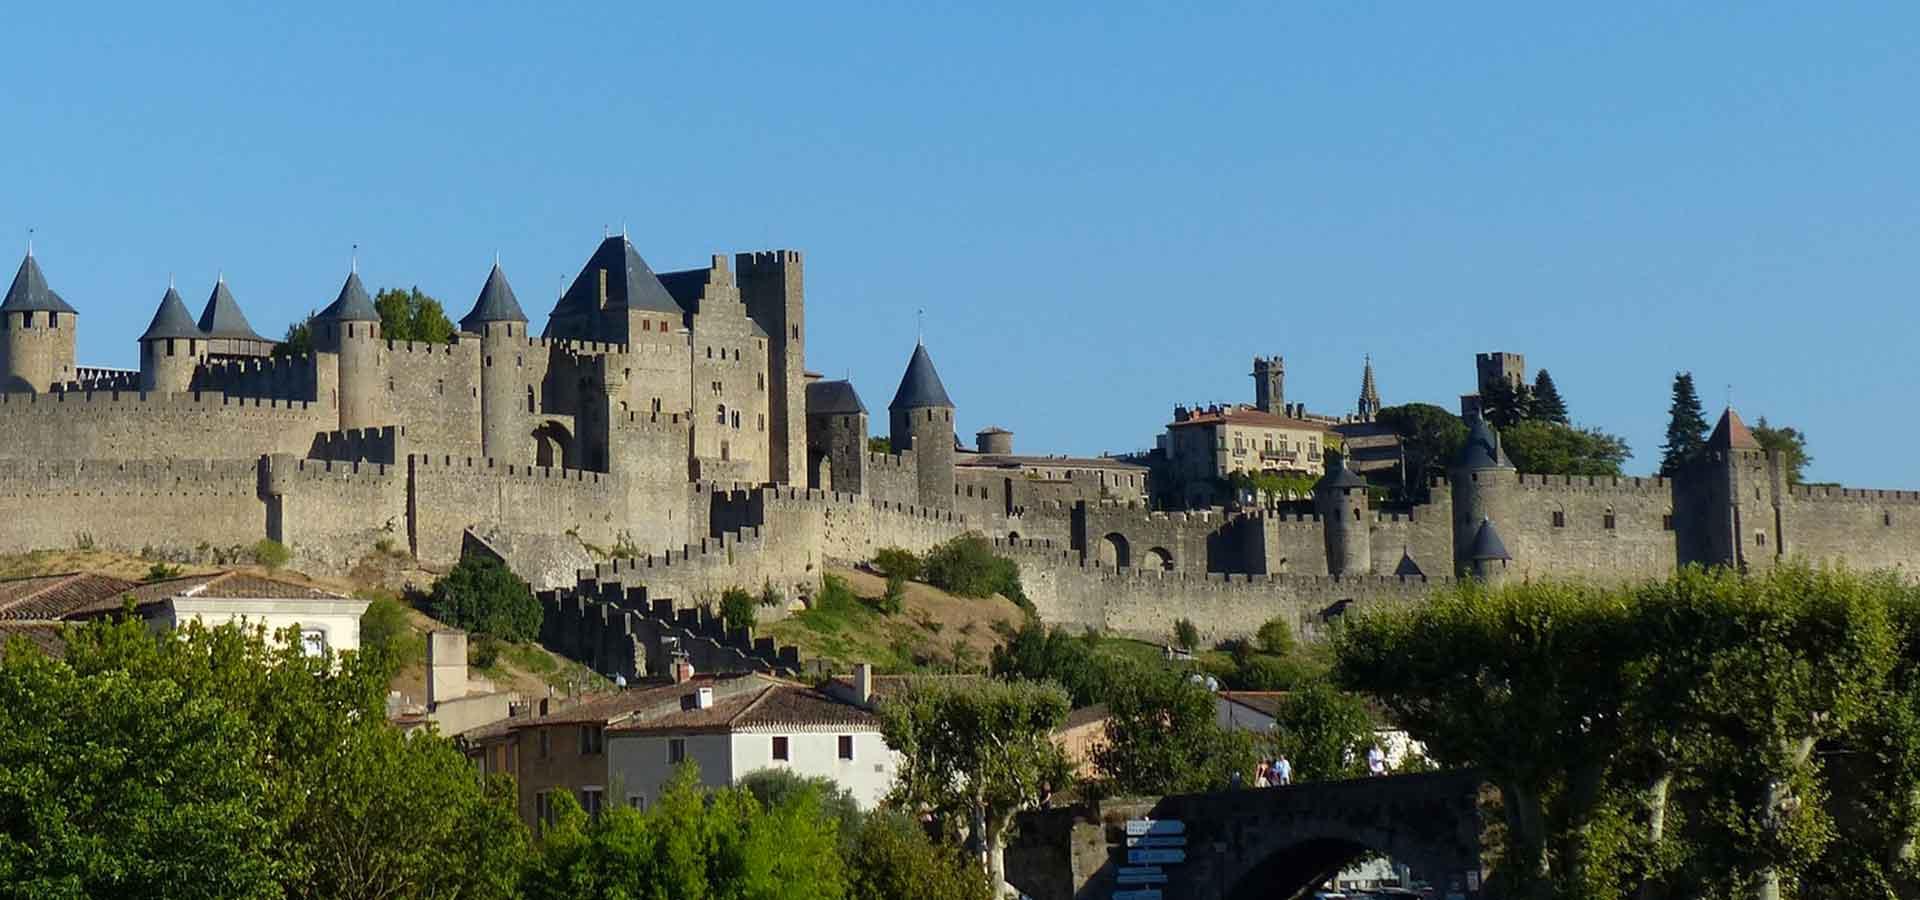 Les plus belles villes fortifiées à travers le monde